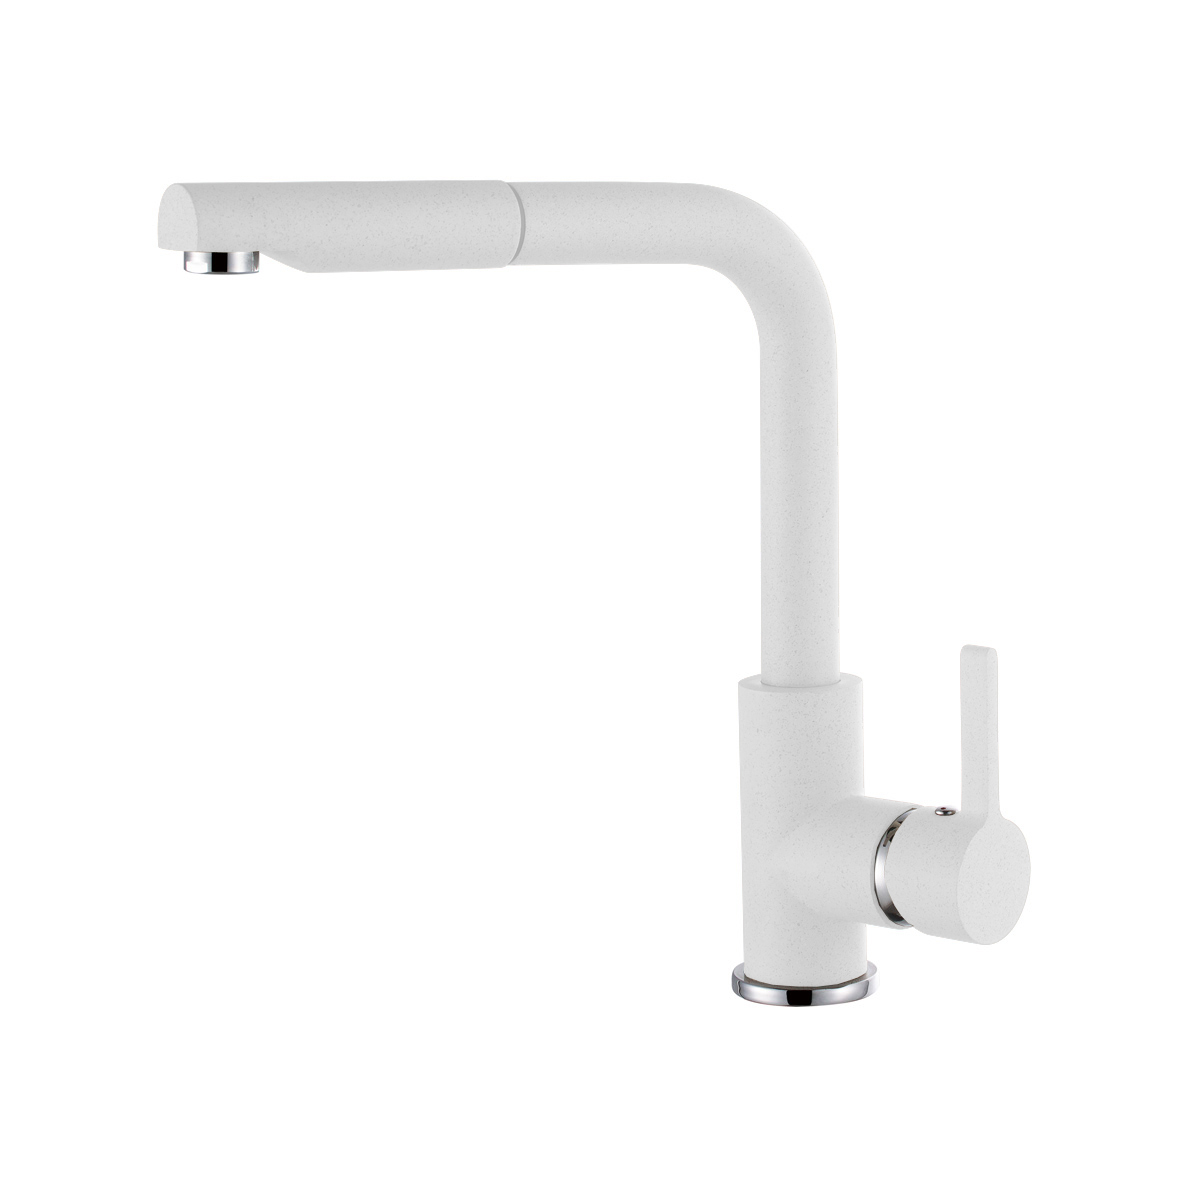 Elleci C02 Bianco Titano egykaros csaptelep forgatható kifolyócsővel, kihúzható zuhanyfejjel